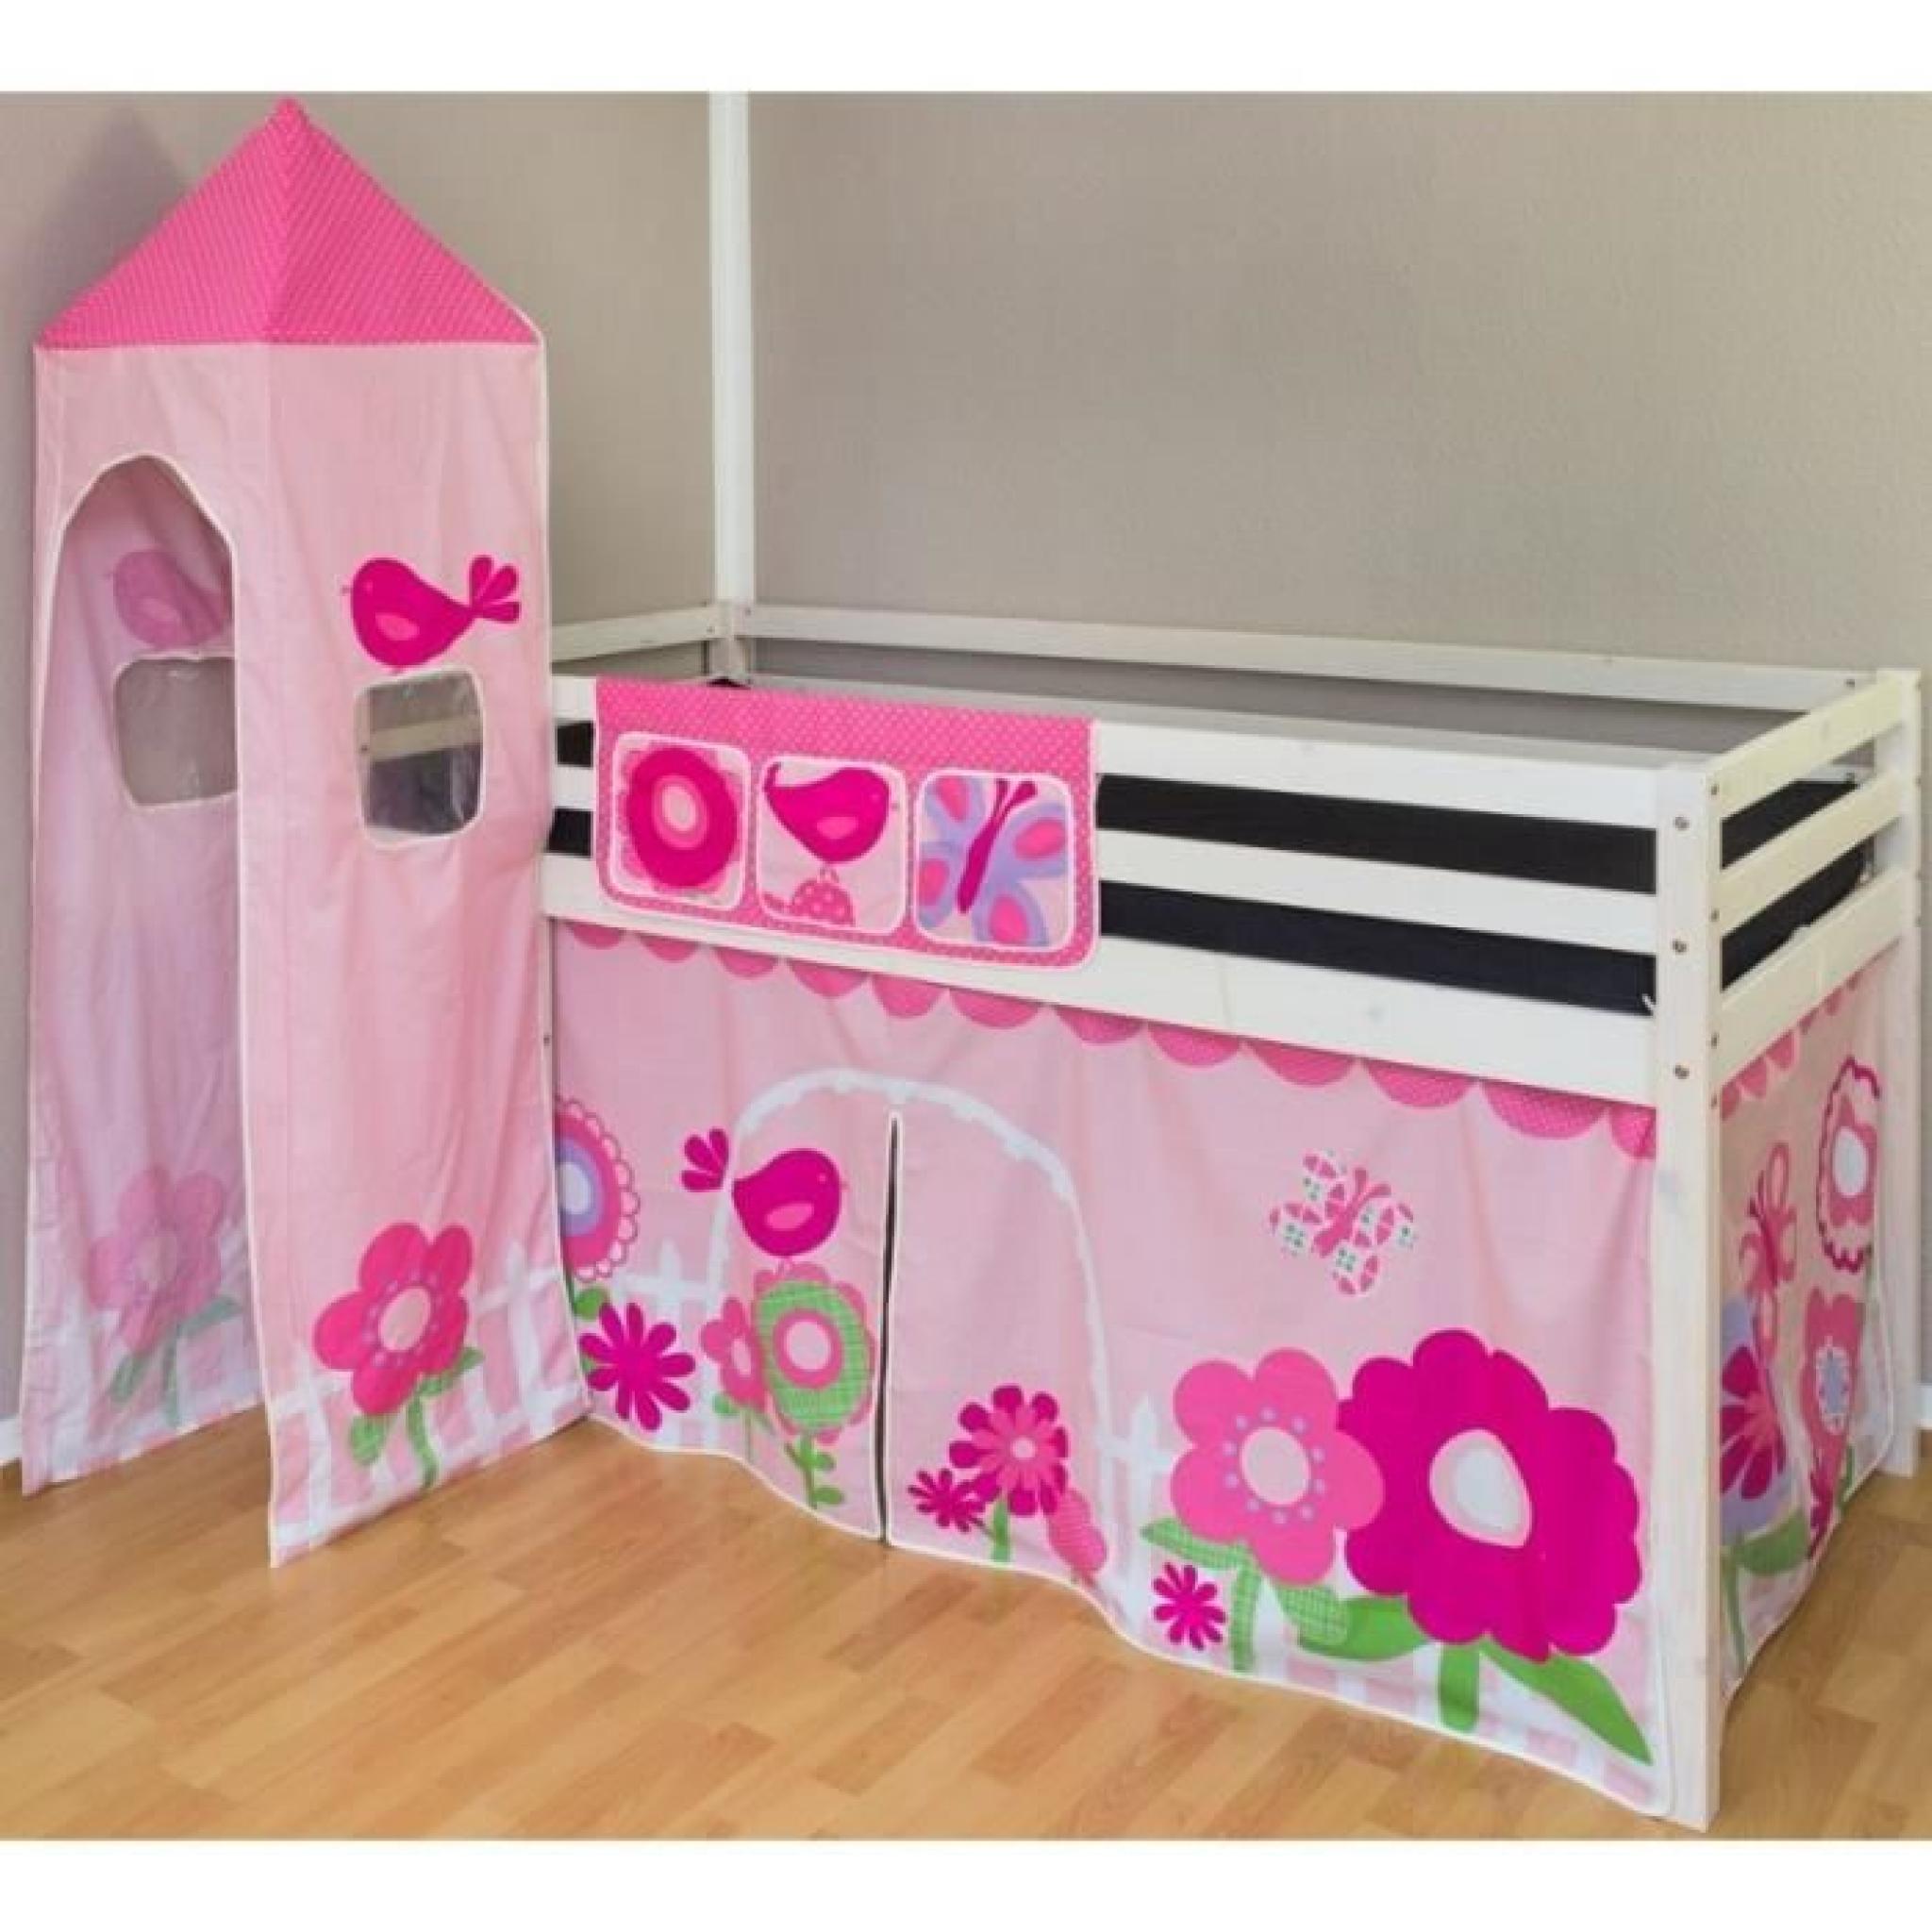 lit mezzanine 90x200cm avec chelle en bois laqu blanc. Black Bedroom Furniture Sets. Home Design Ideas